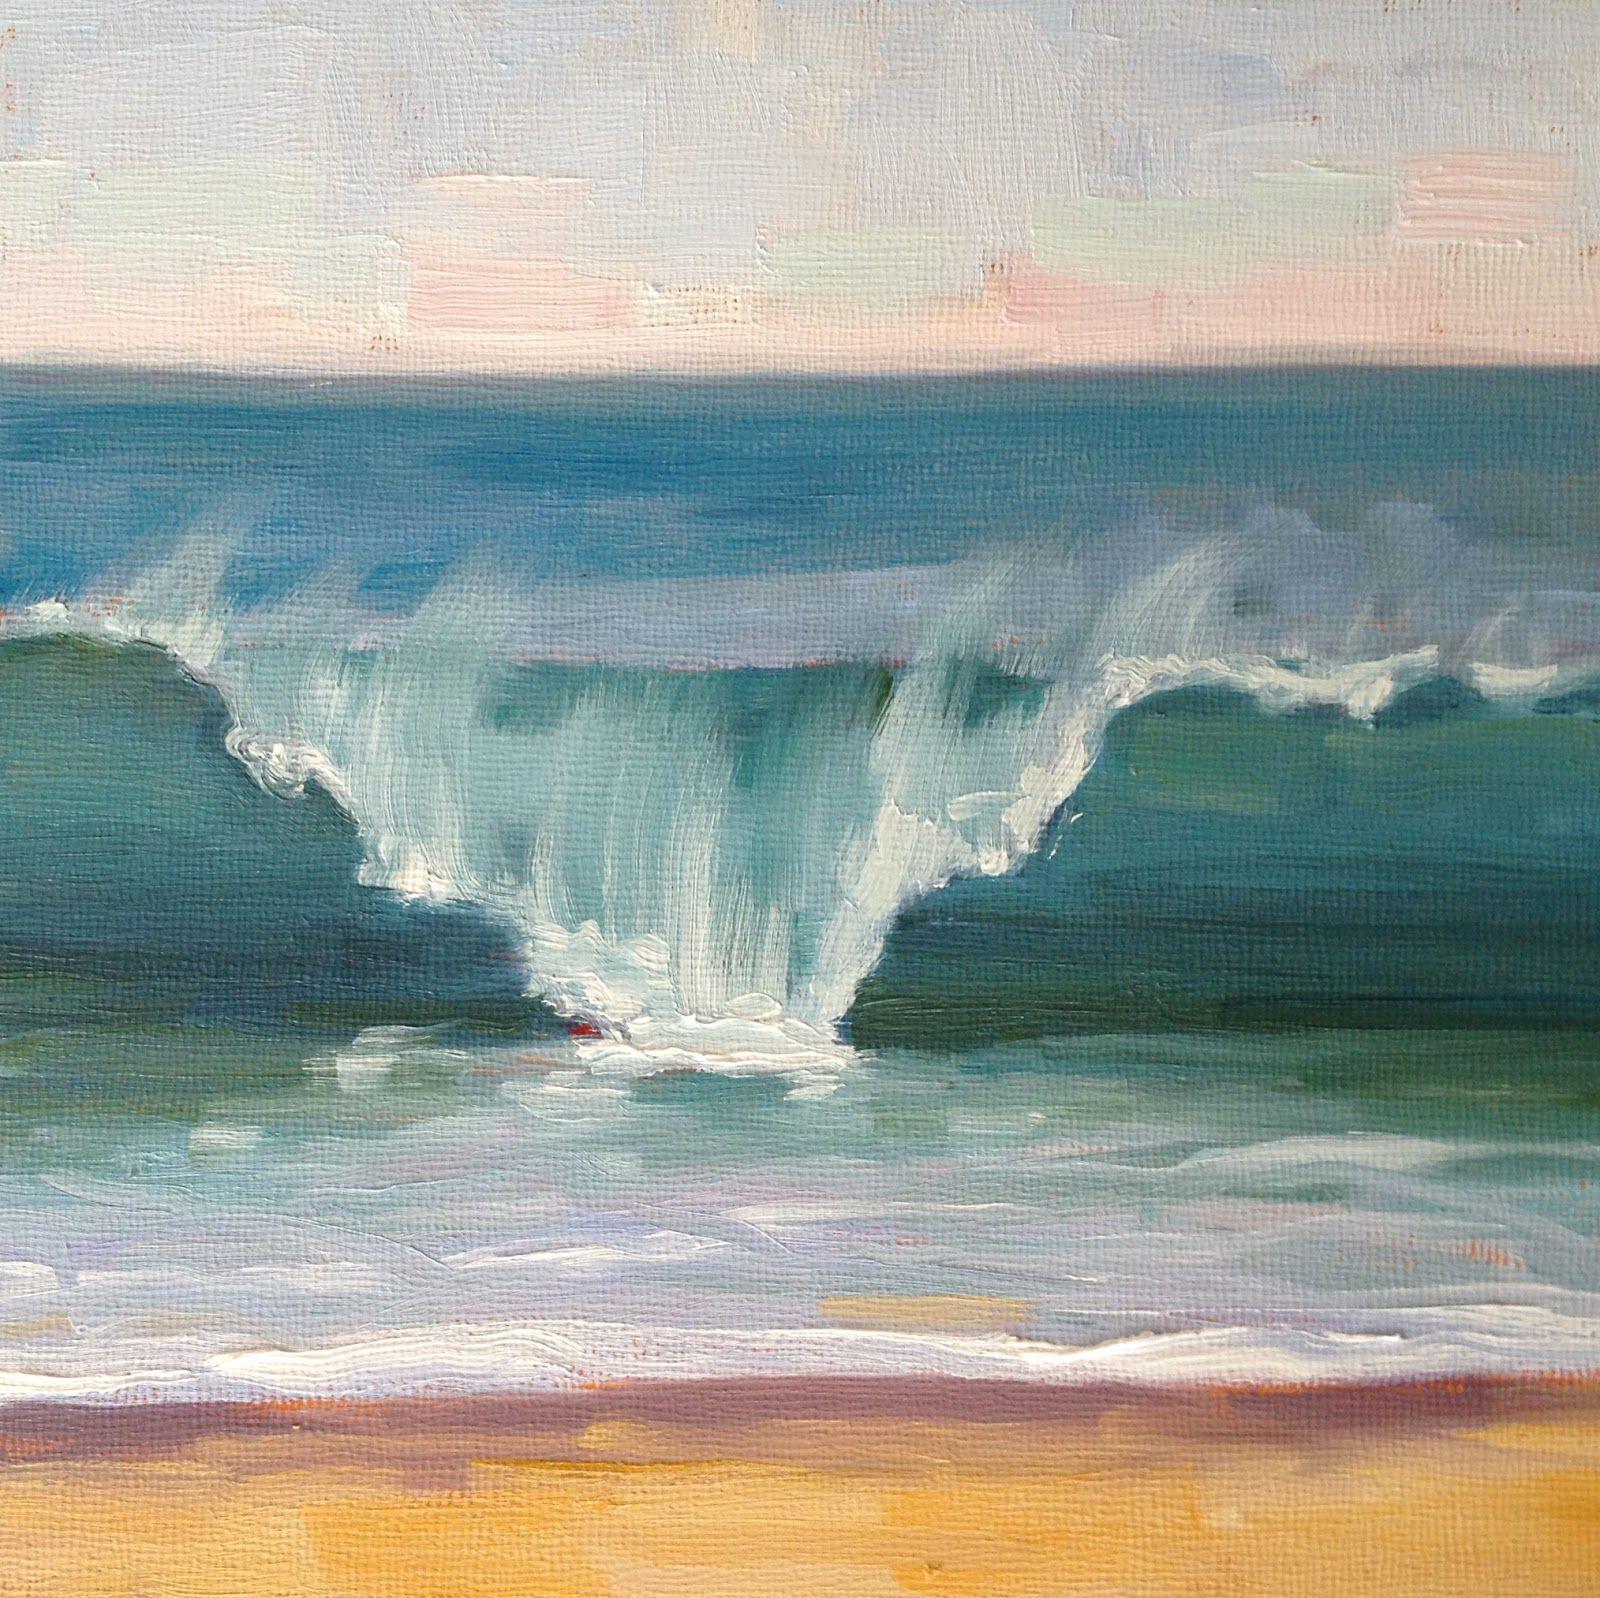 Dnewmanpaintings Seascape Paintings Ocean Painting Wave Painting